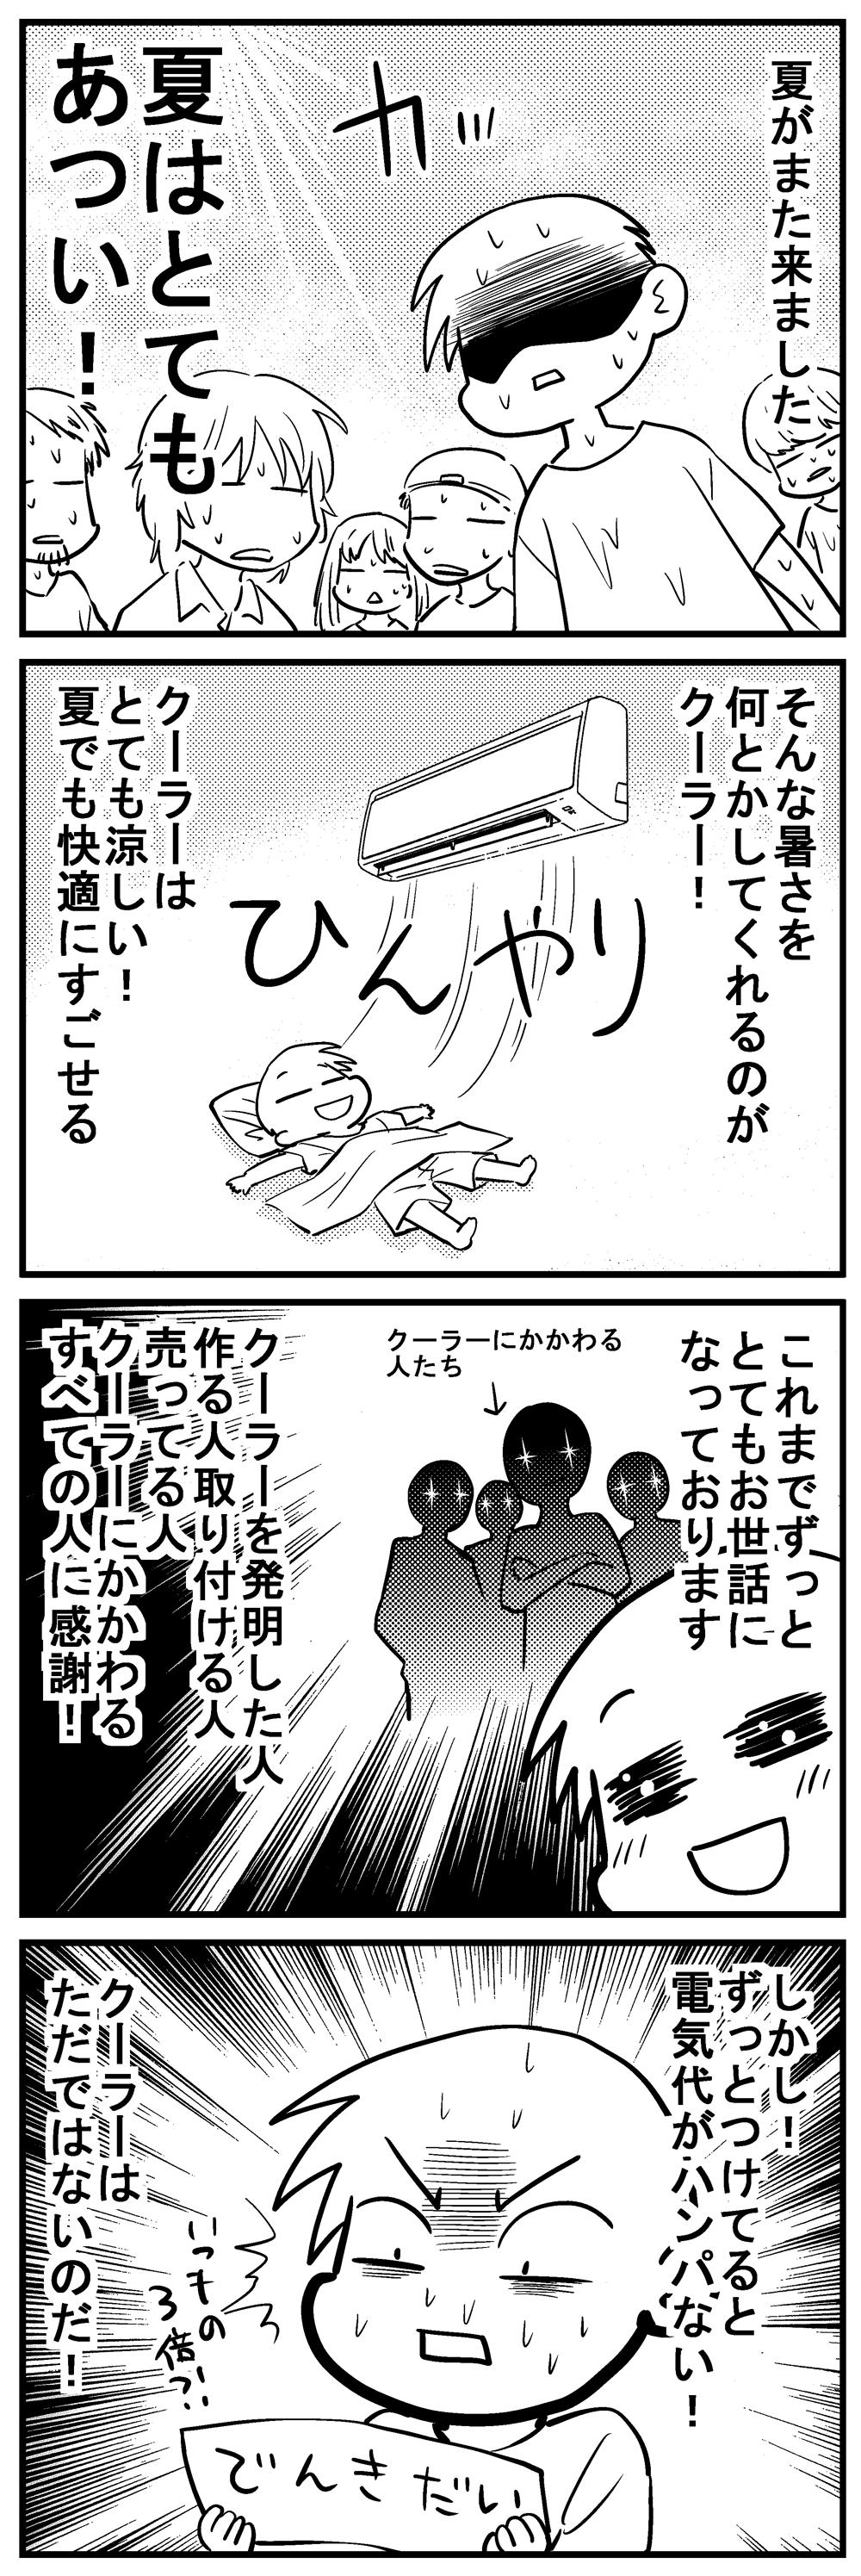 深読みくん64 1